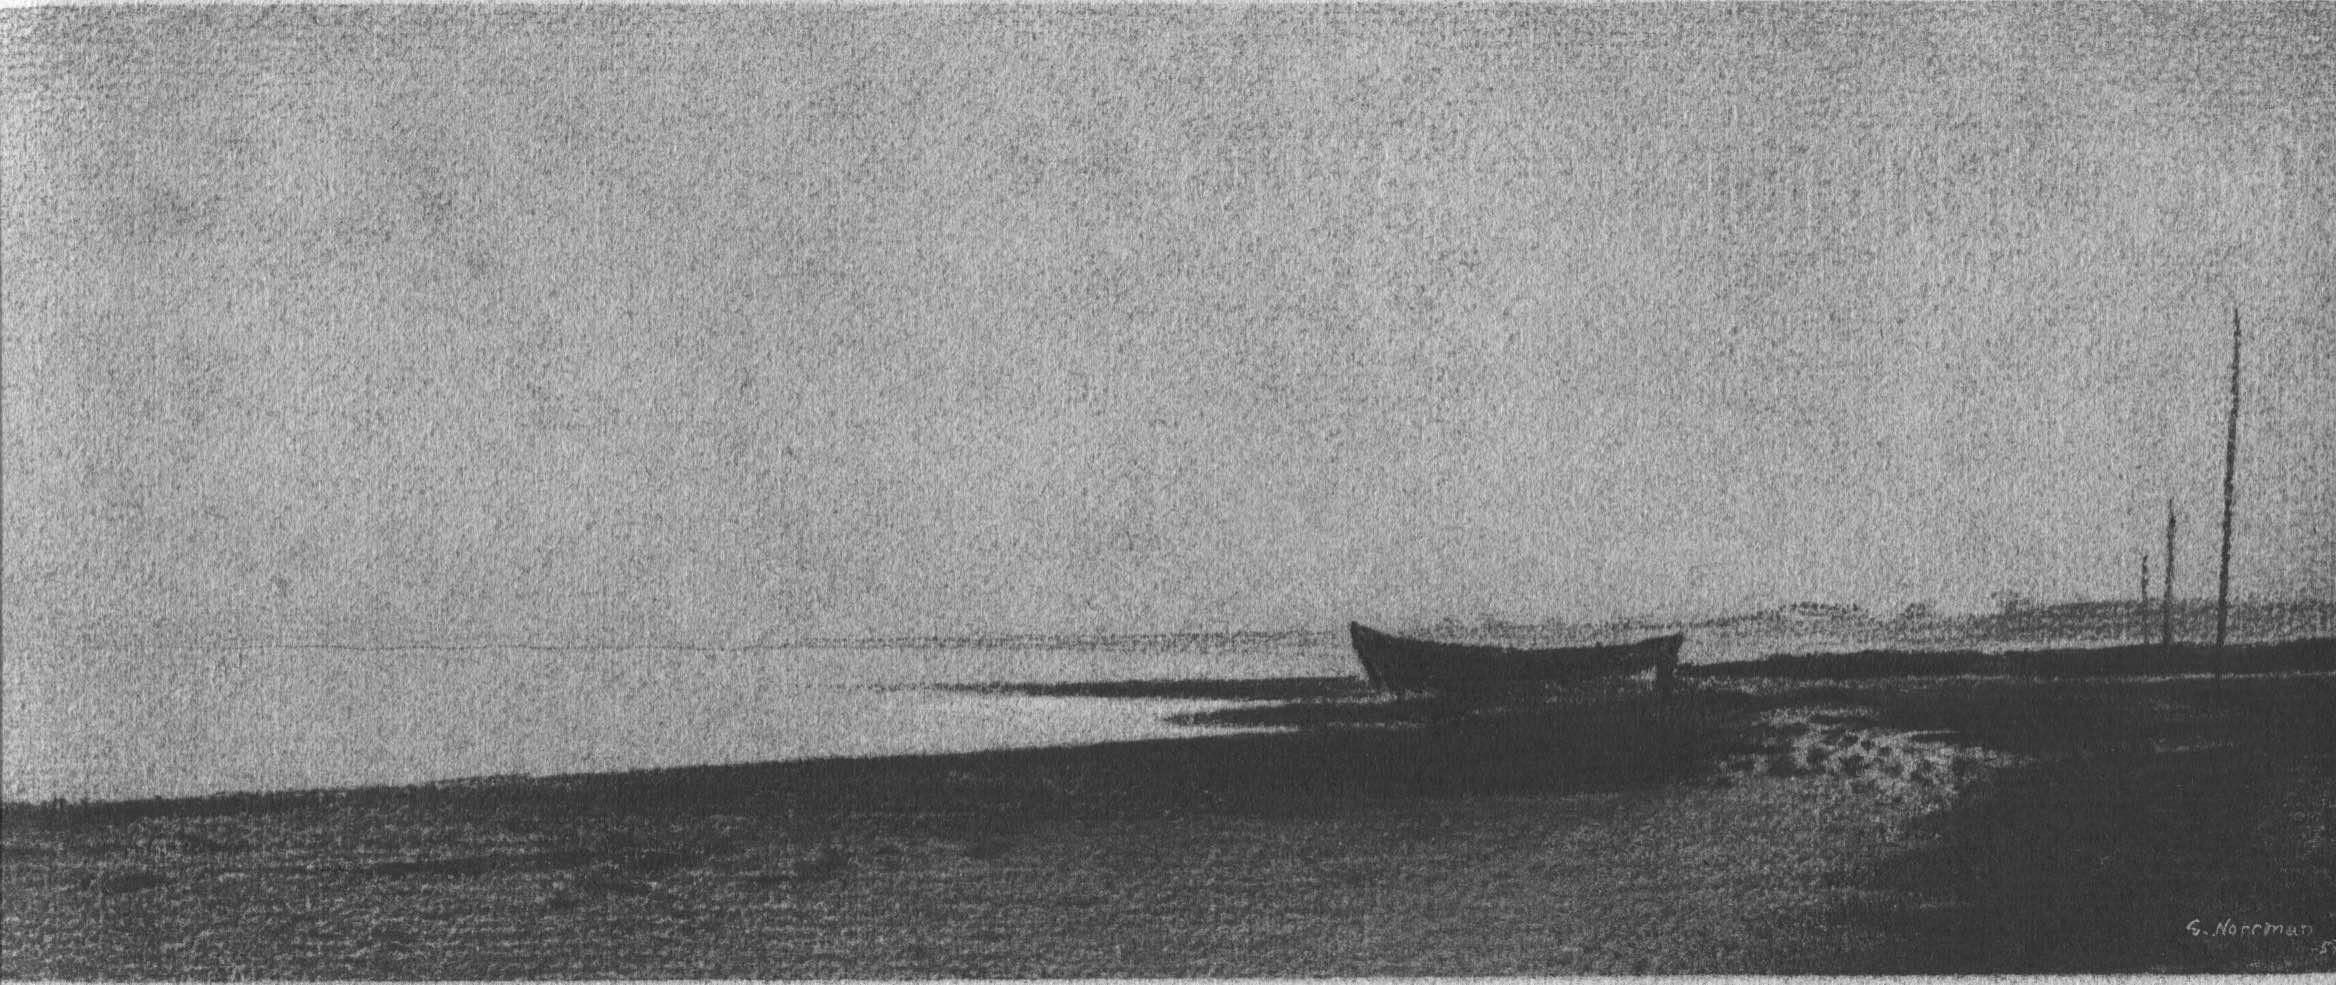 Gunnar Norrman - Båt på Stranden